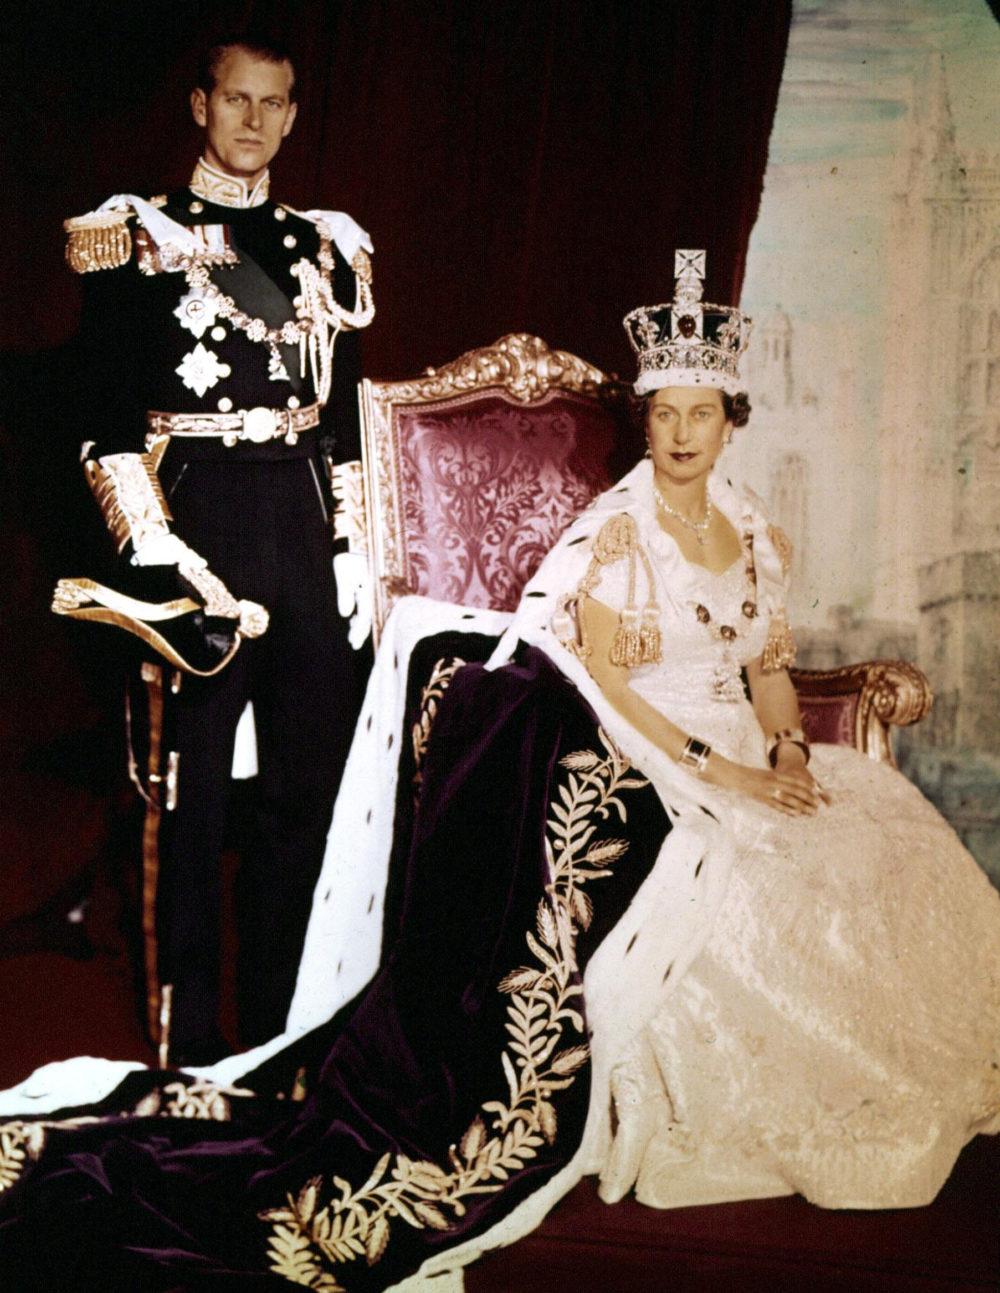 II. Erzsébet megkoronázása után minden megváltozott az életükben